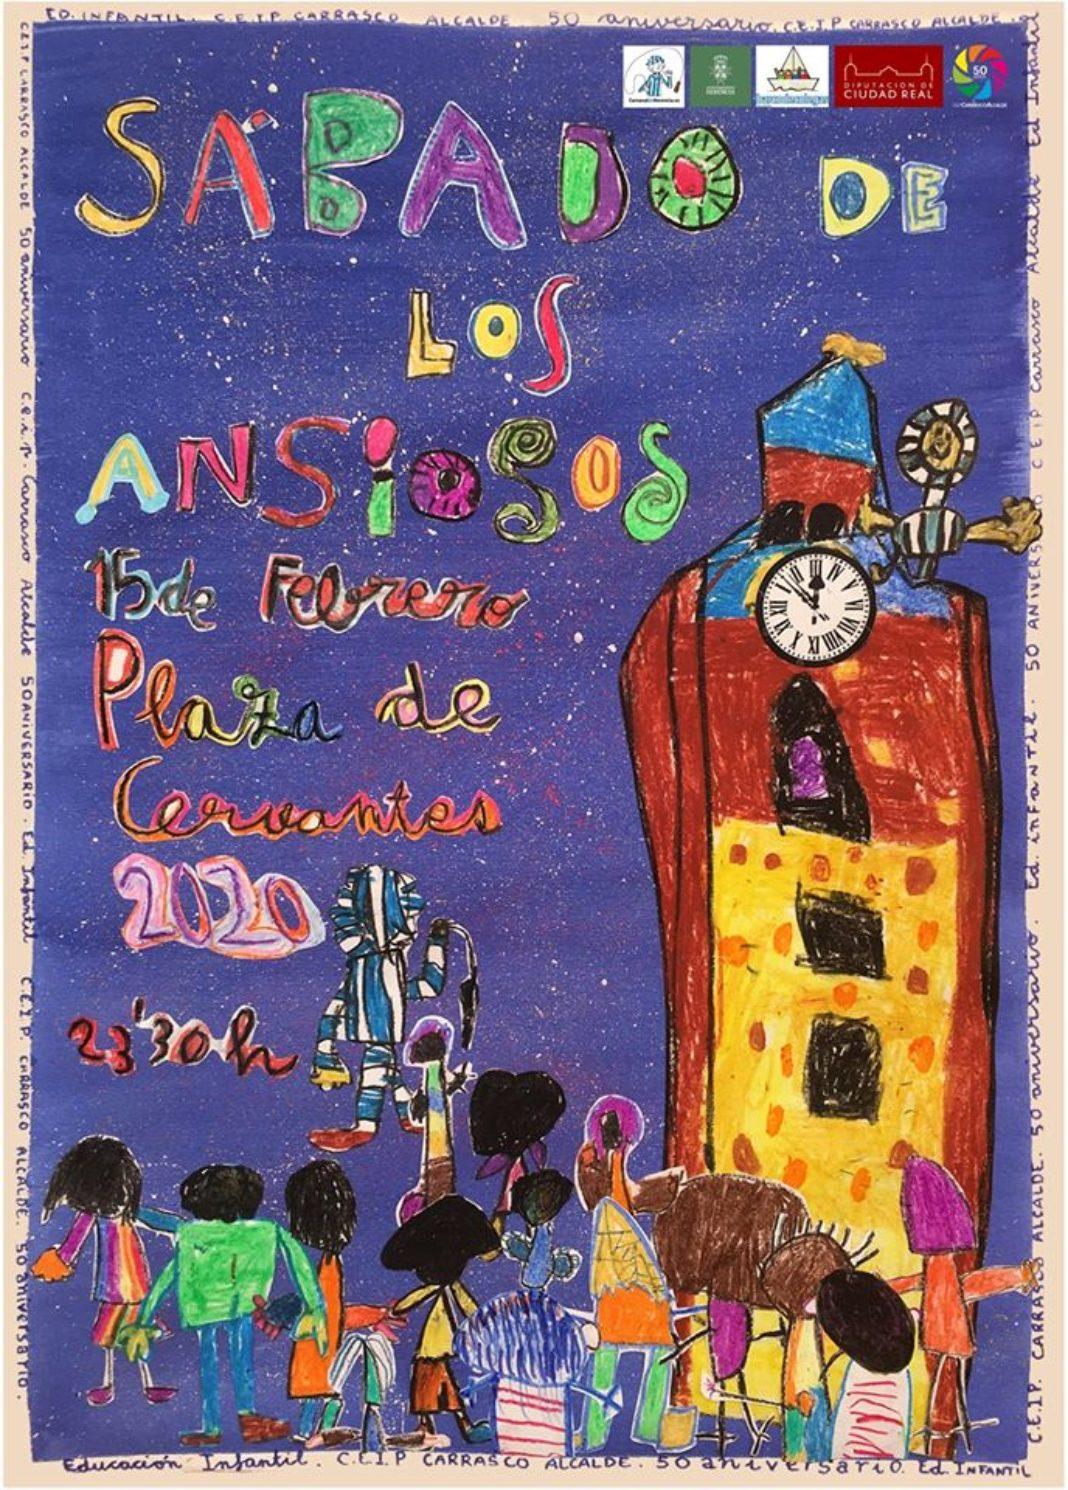 Los alumnos de infantil del CEIP Carrasco Alcalde autores del cartel del Sábado de los Ansiosos 2020 13